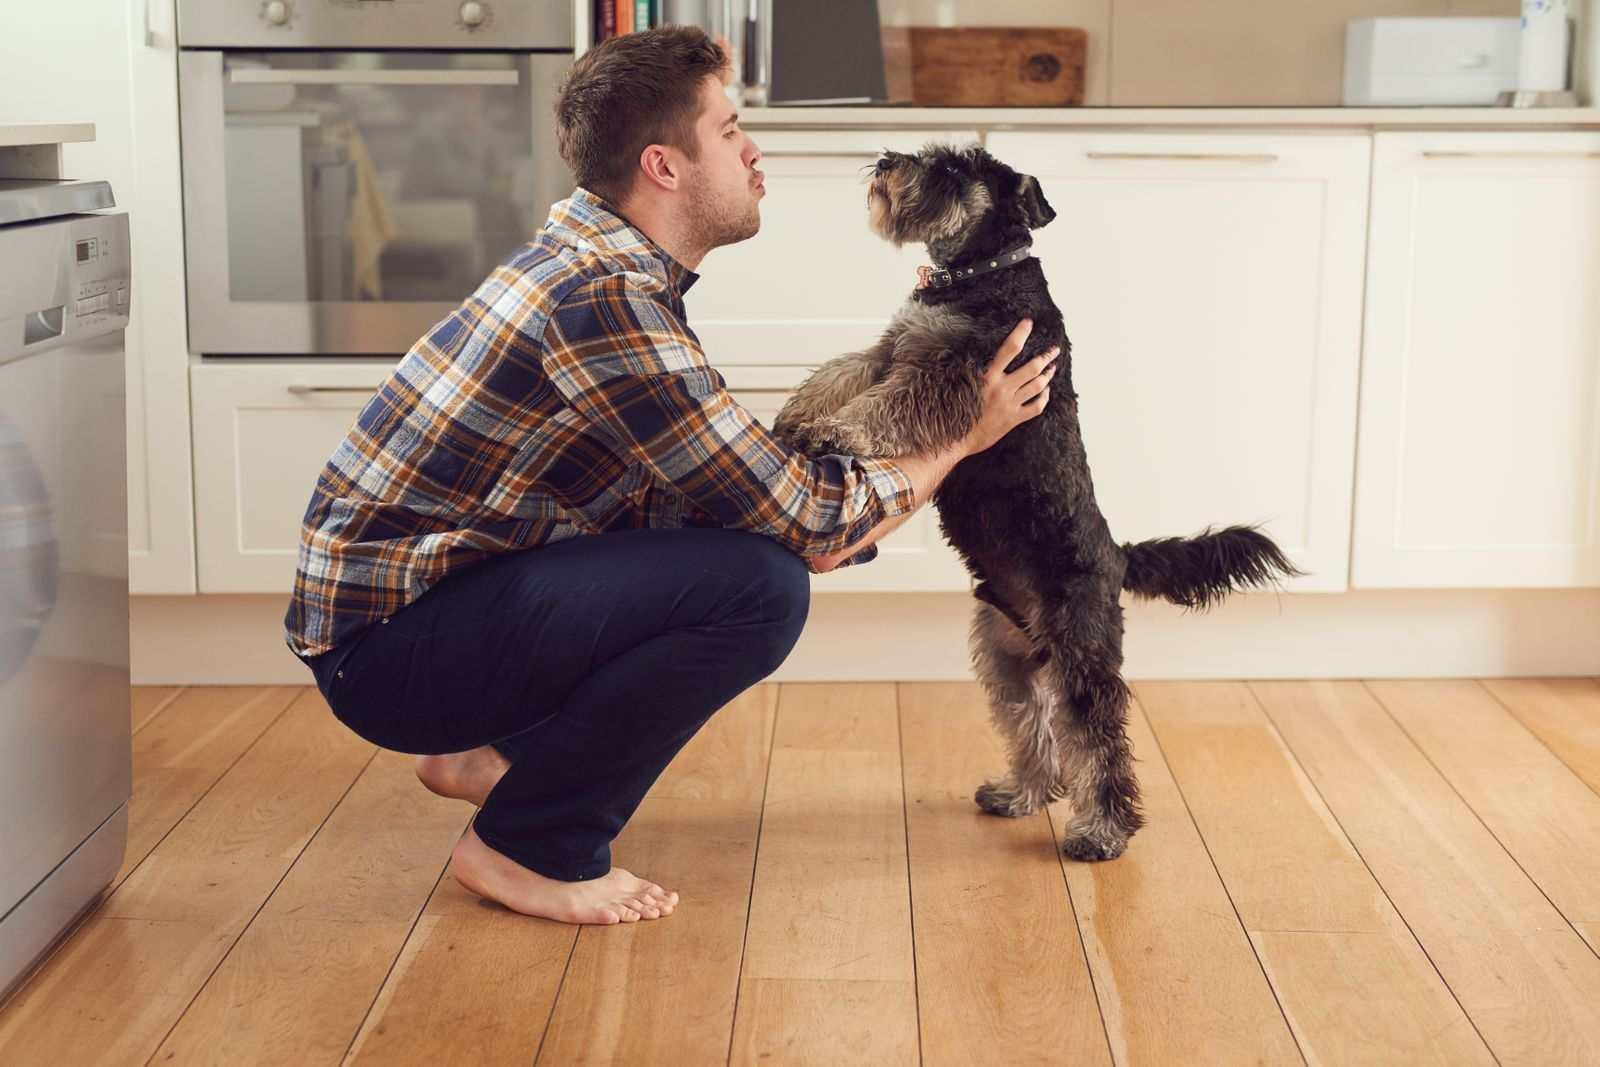 chien debout avec son maître cuisine